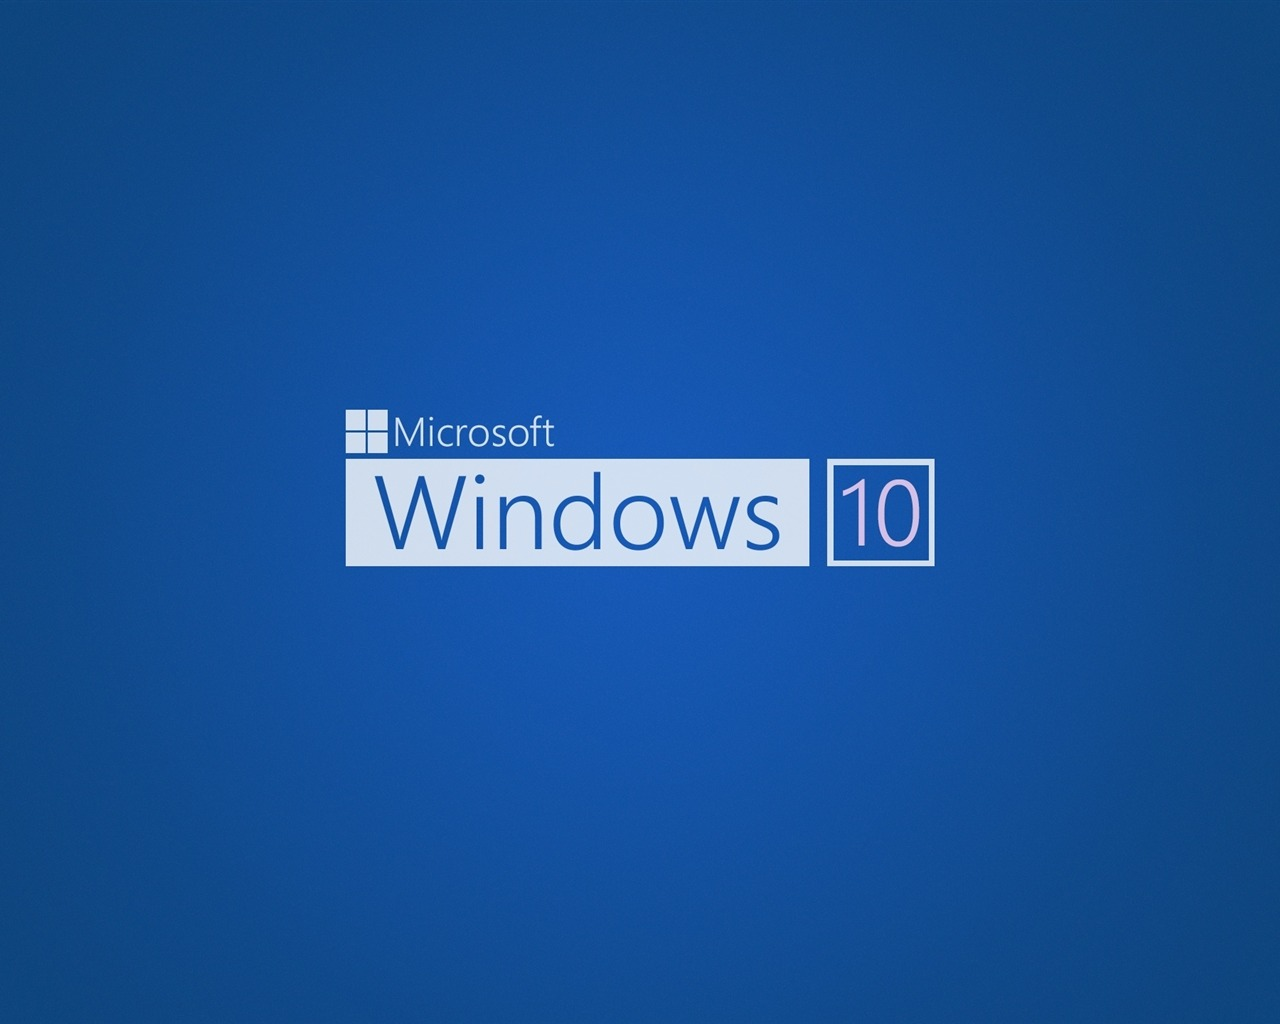 Windows10青色の背景 デジタルhdの壁紙プレビュー 10wallpaper Com